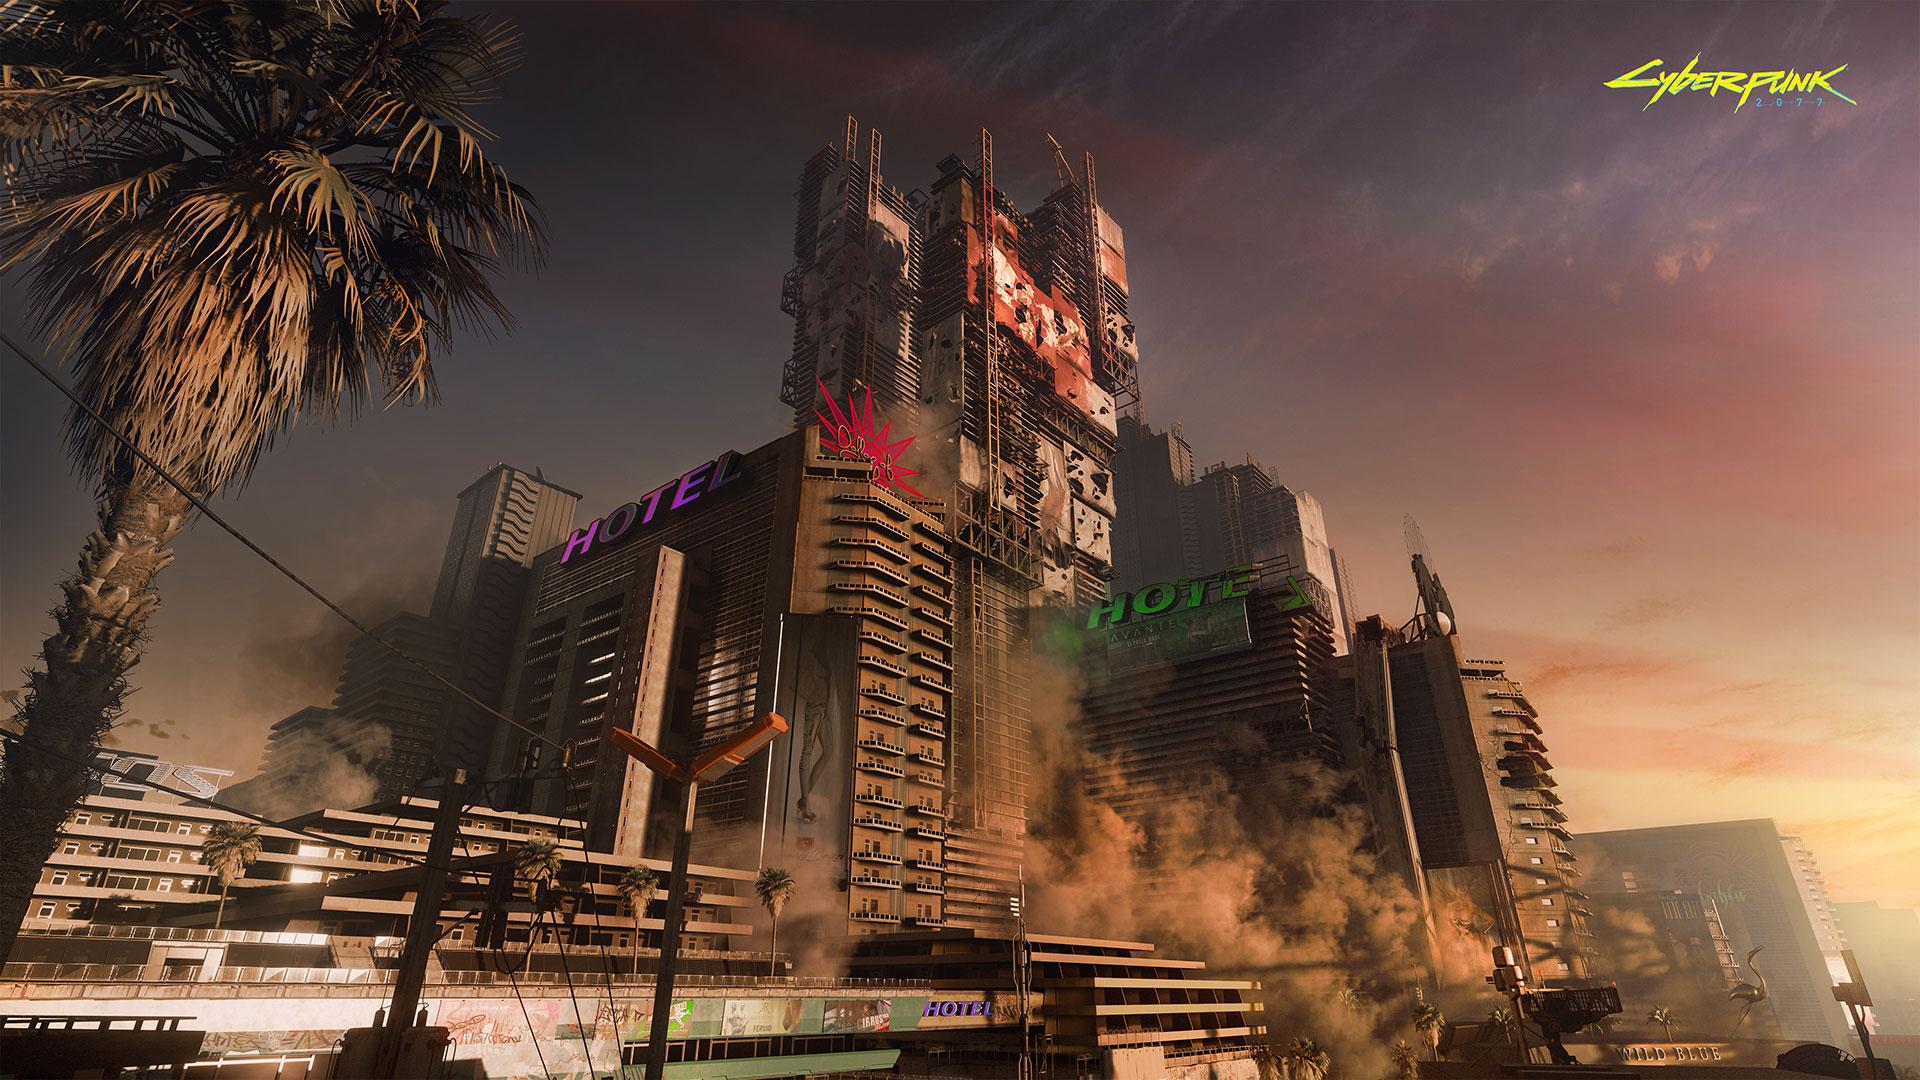 Cyberpunk 2077 A beautiful beast